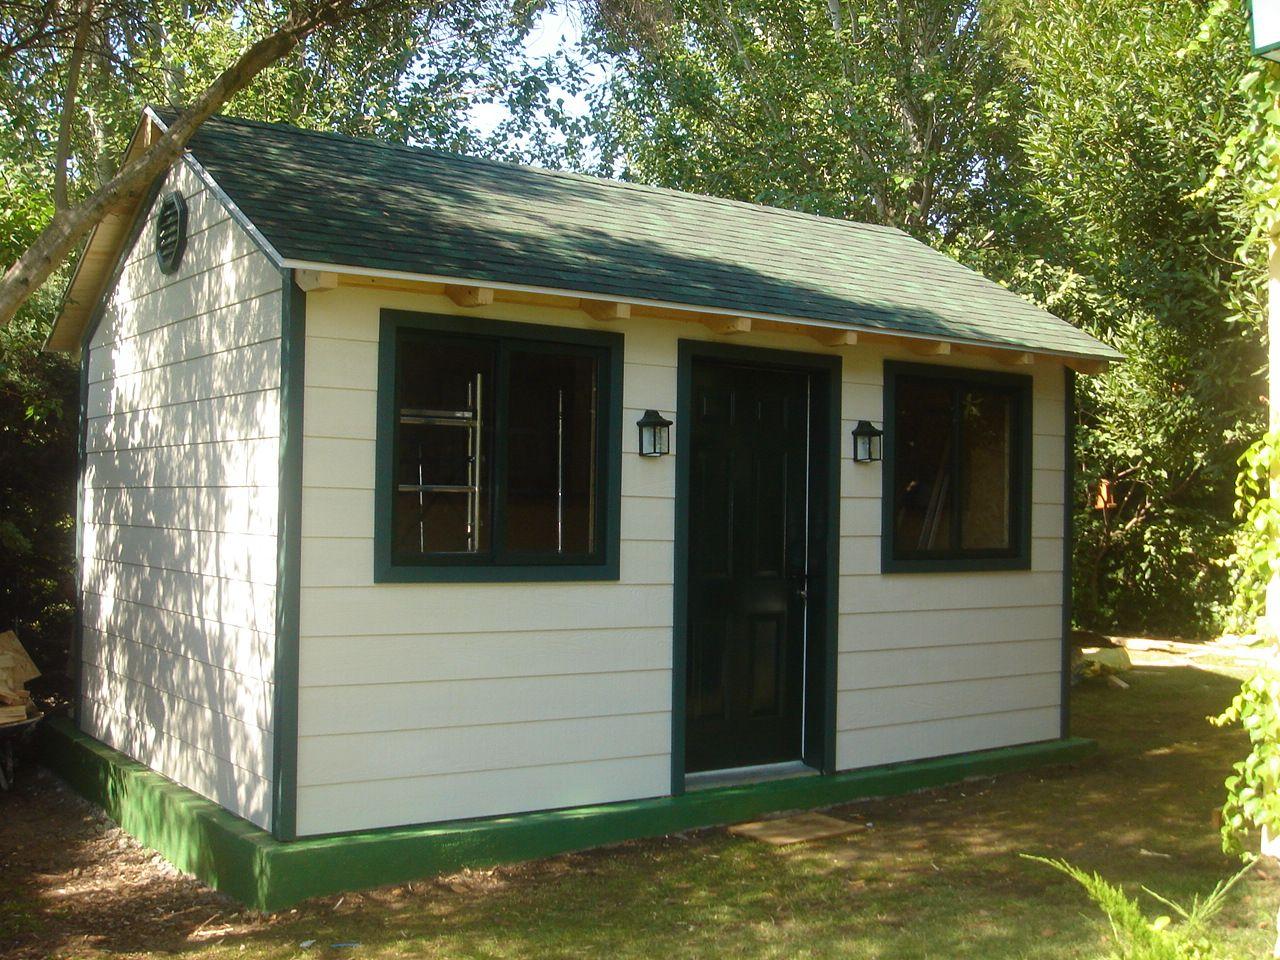 Construcción de casita de campo